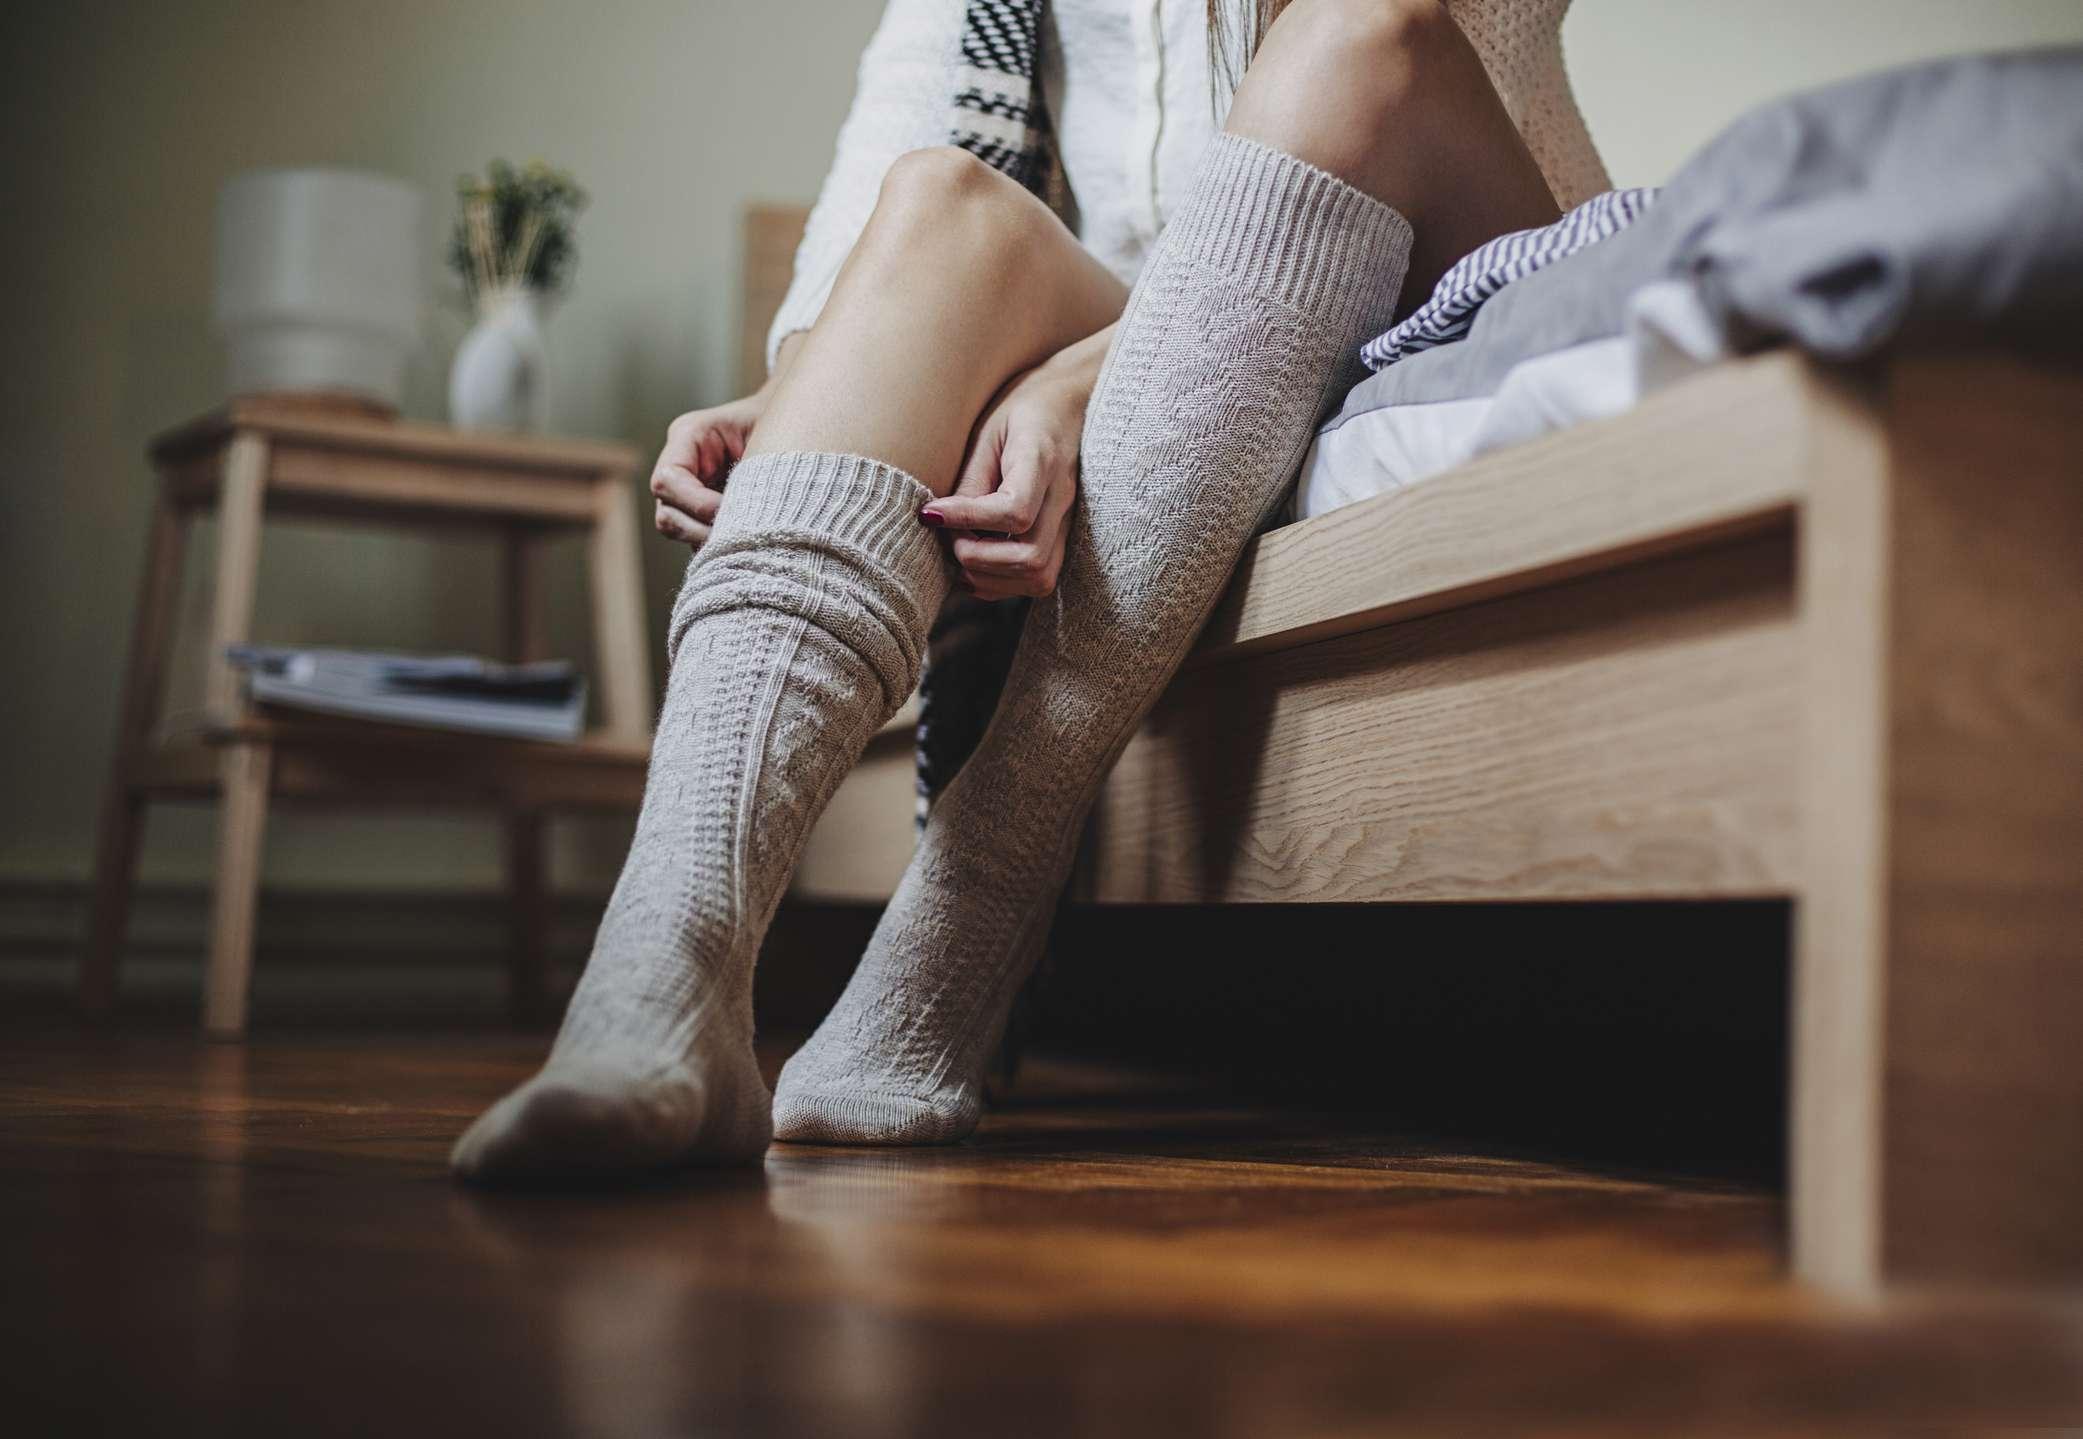 Woman pulling on socks